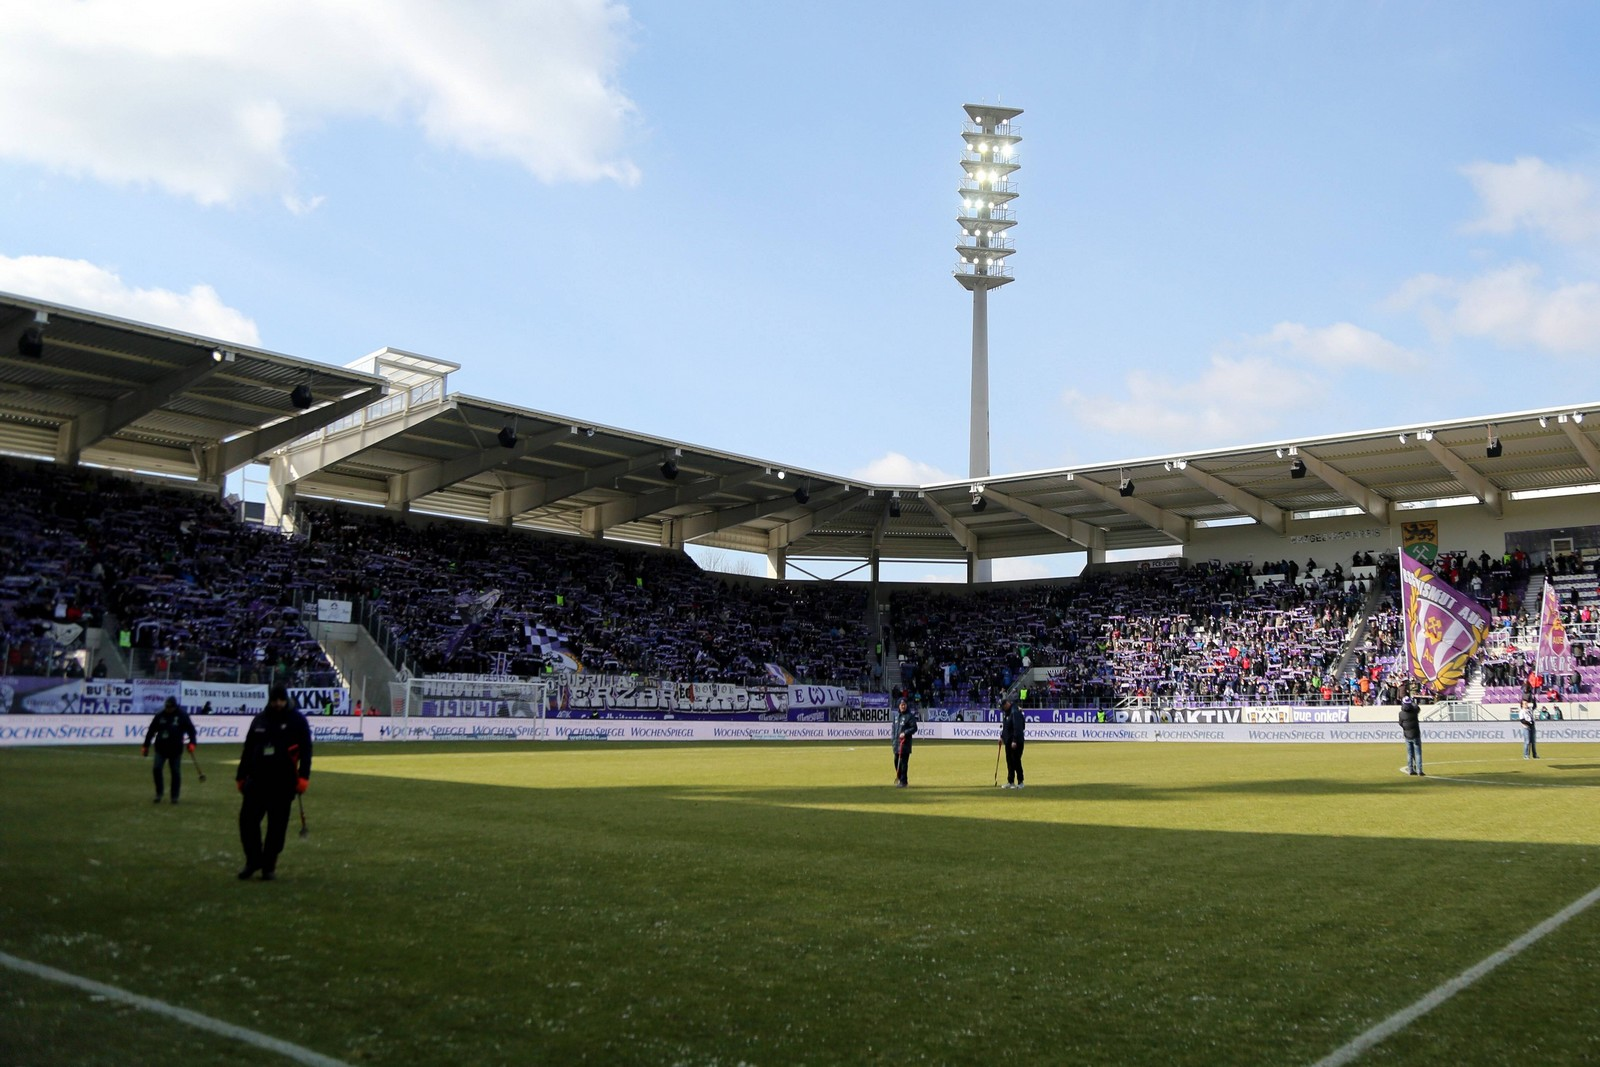 Das Ergebirgsstadion des FC Erzgebirge Aue